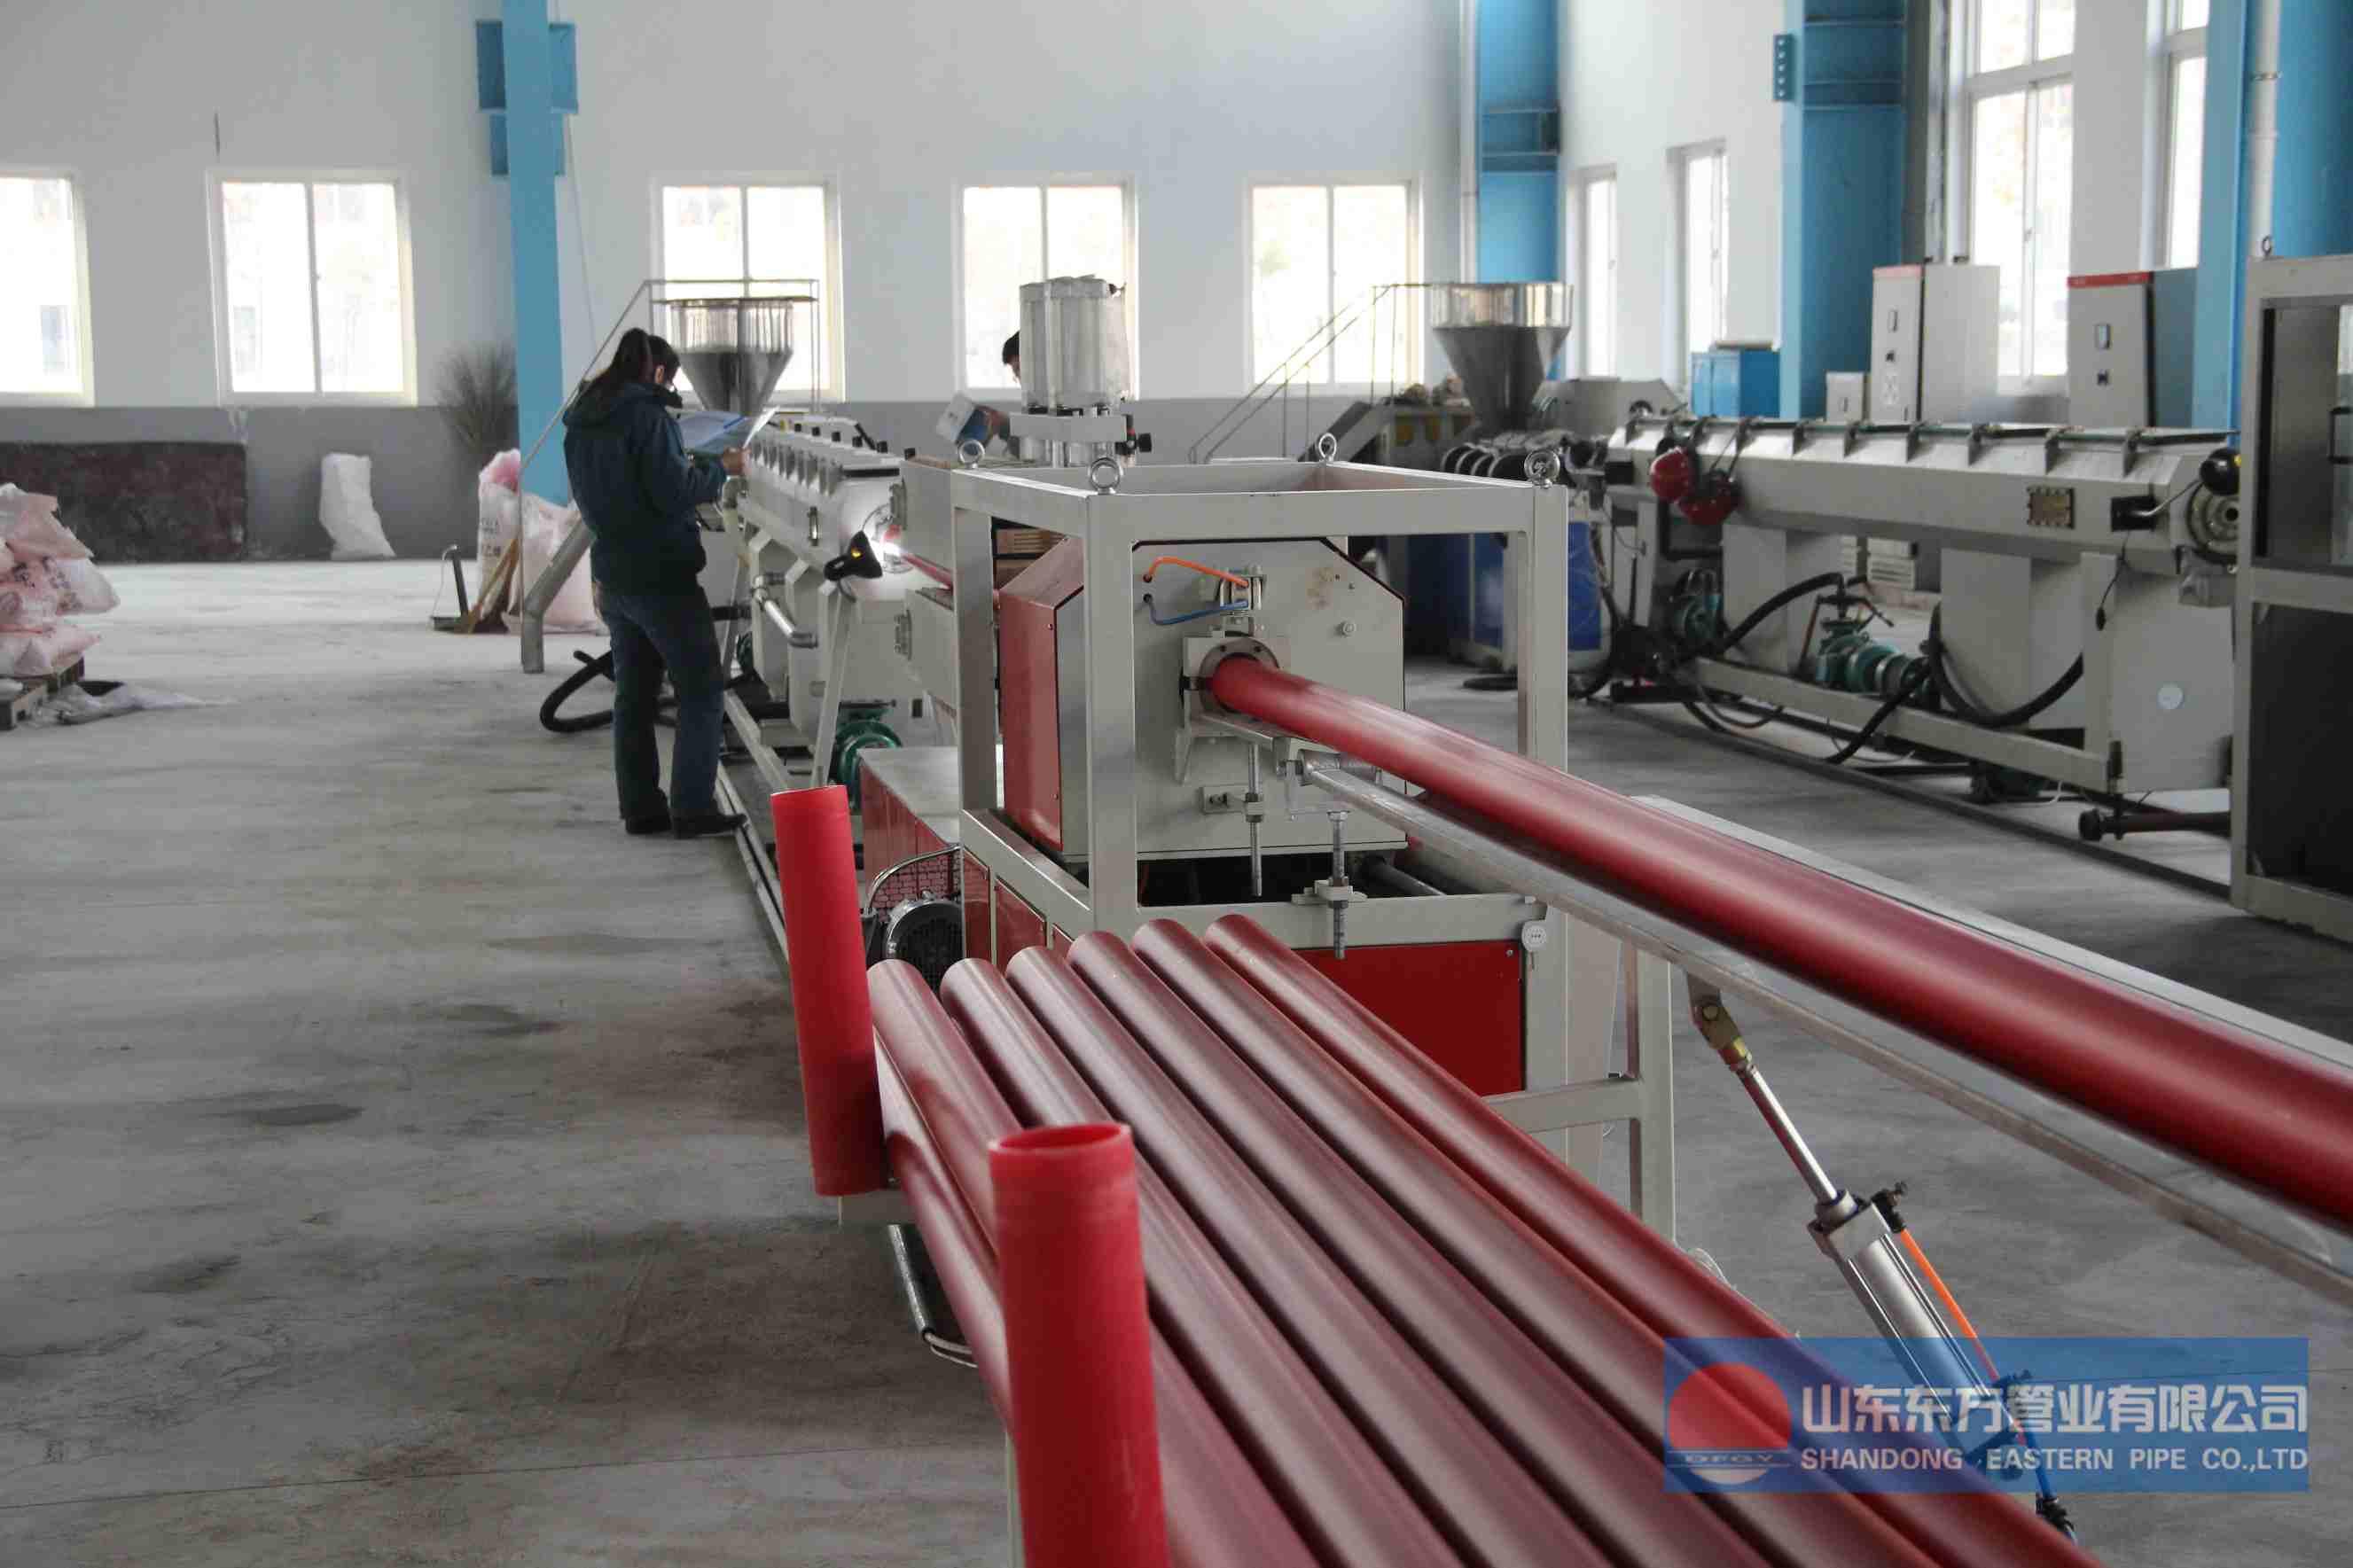 四川高分子钢塑复合管销售电话 铸造辉煌 山东东方管业供应